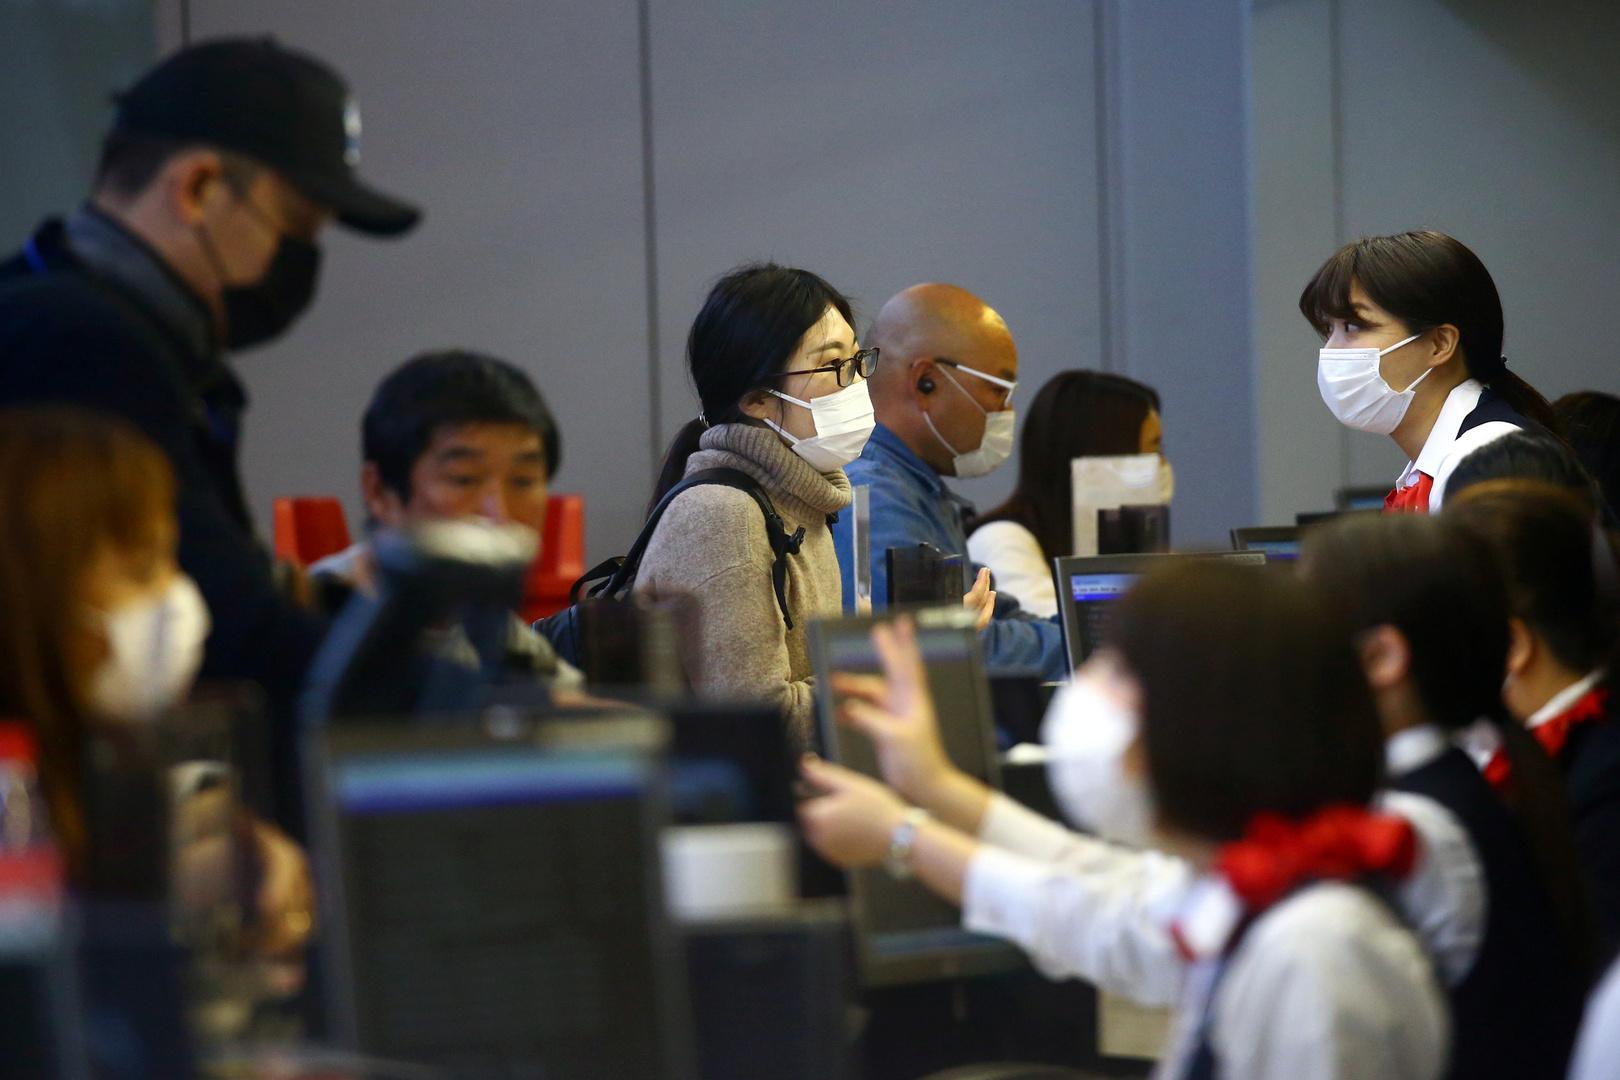 مدينة أوساكا تطلب من السلطات اليابانية إعلان حالة الطوارئ بسبب تفشي وباء كورونا